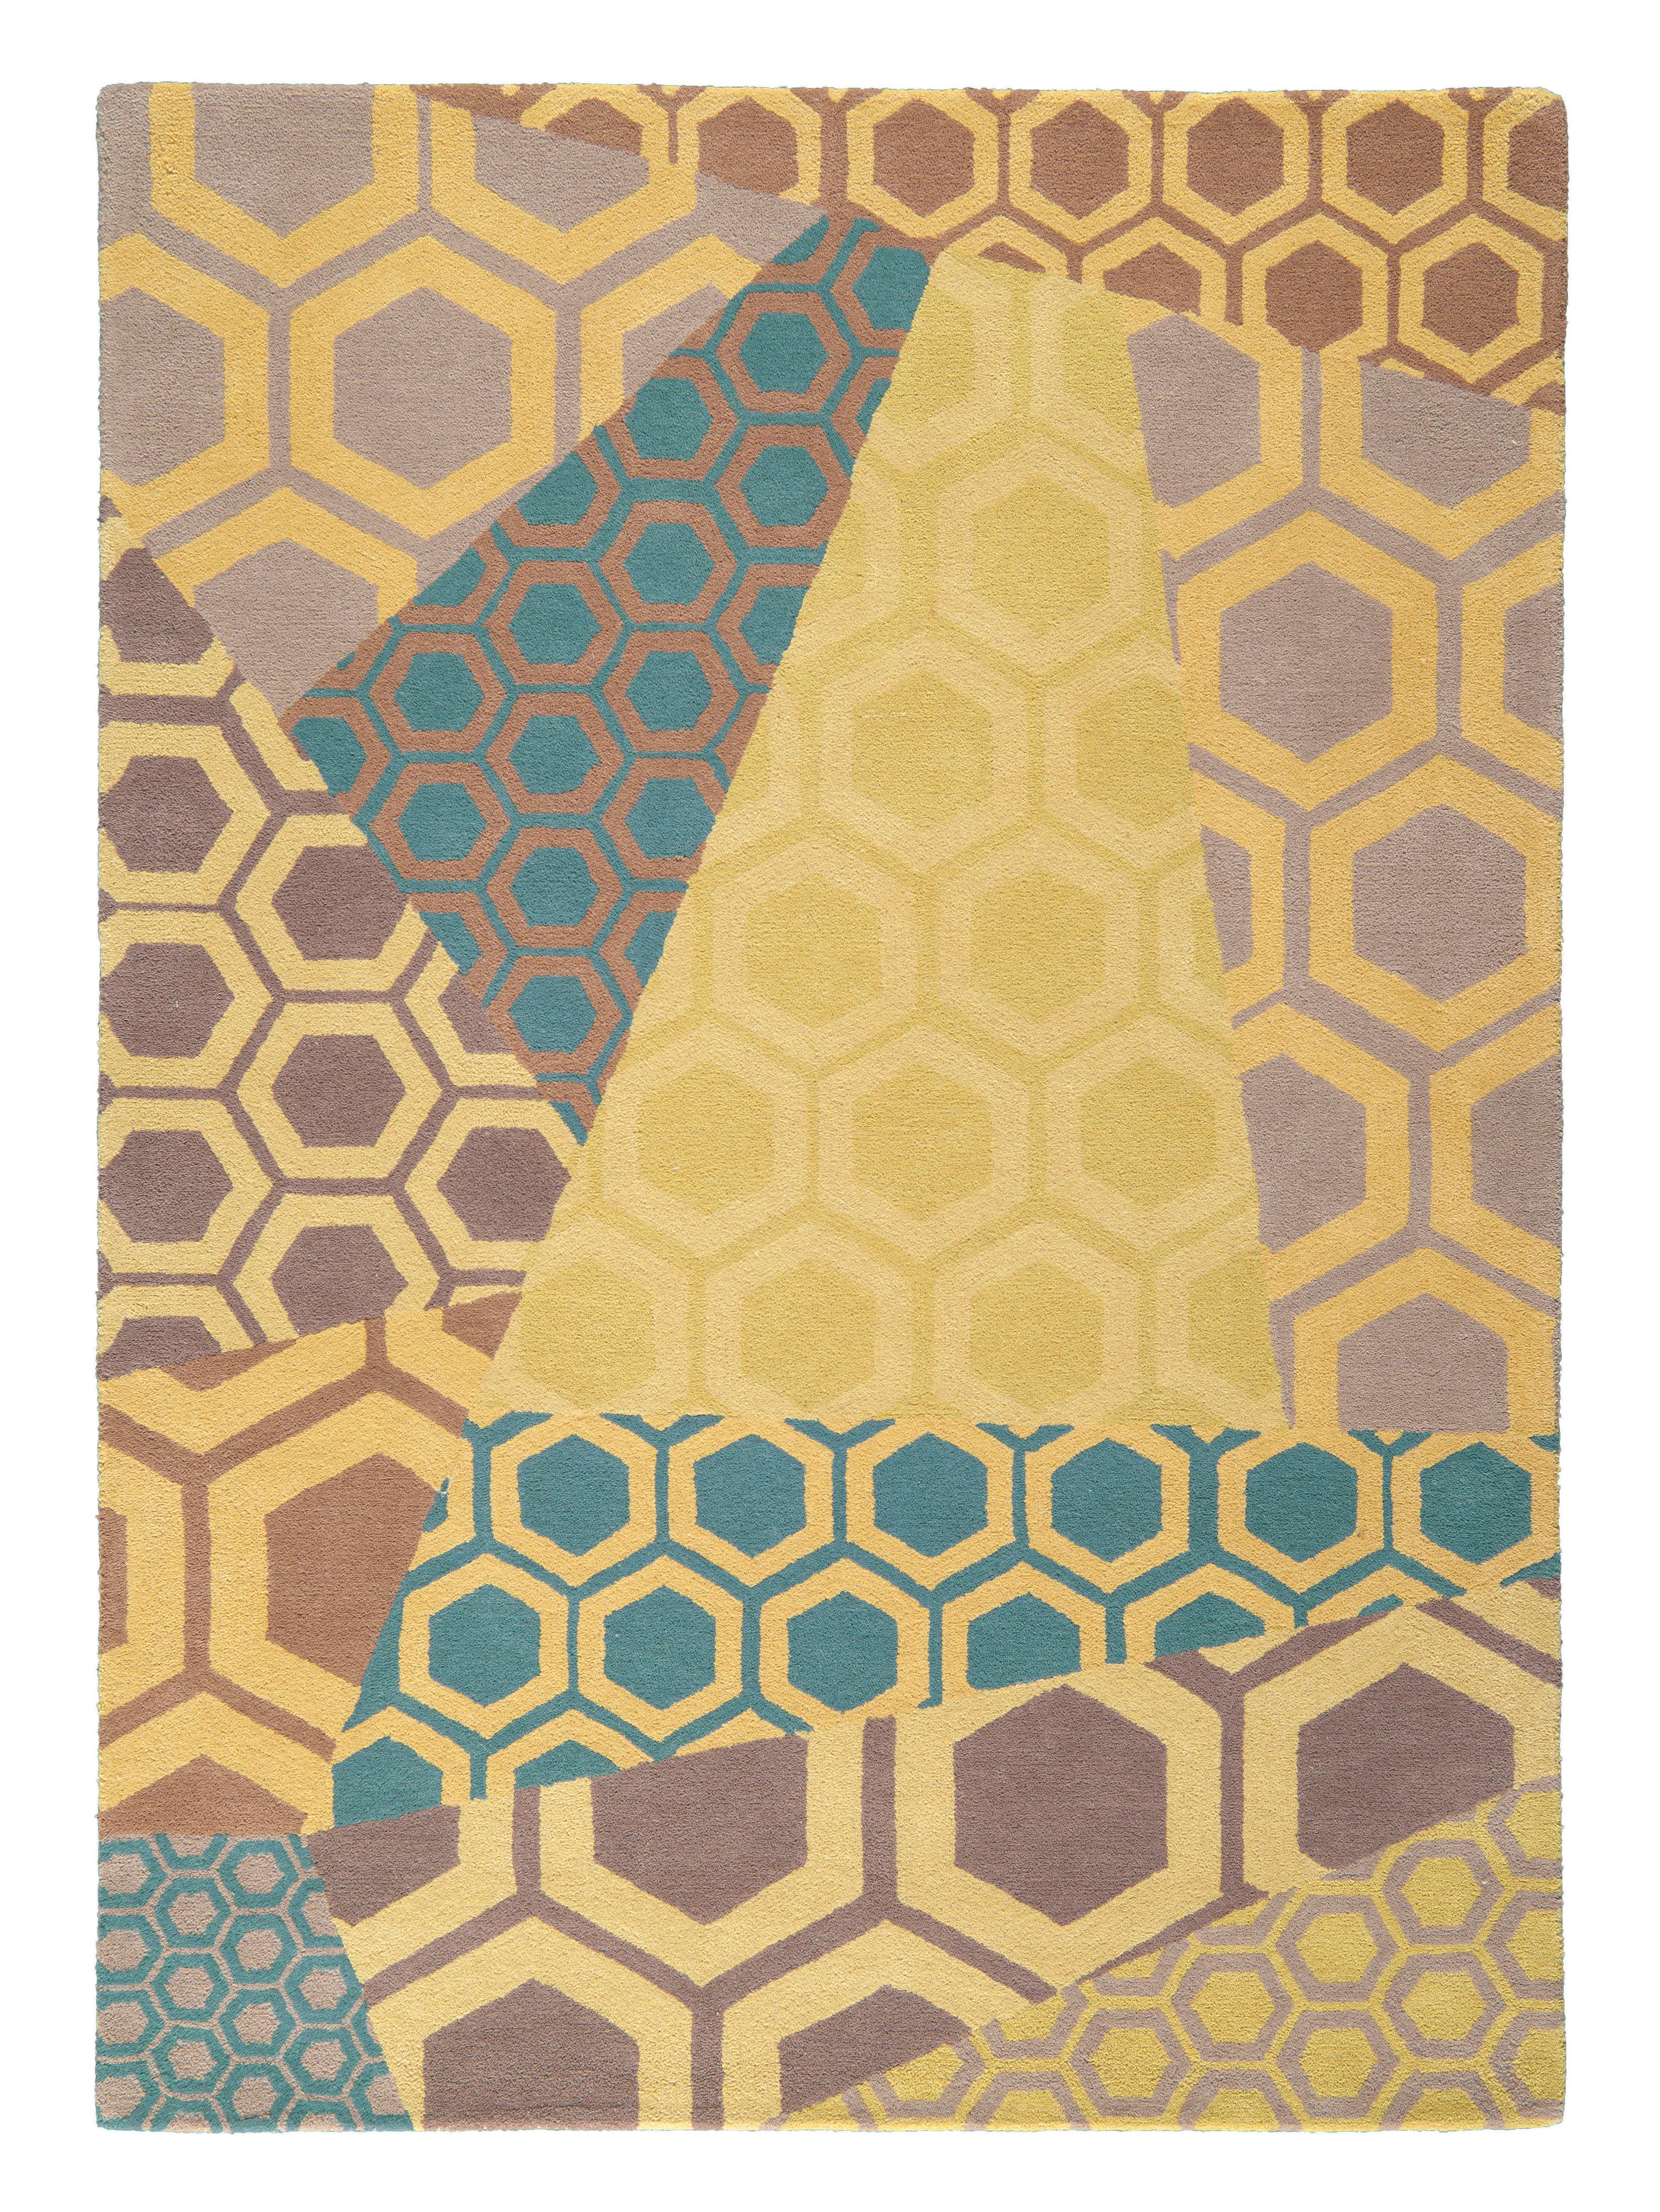 Tapis inca 170 x 240 cm tuft main jaune multicolore - Made in design tapis ...